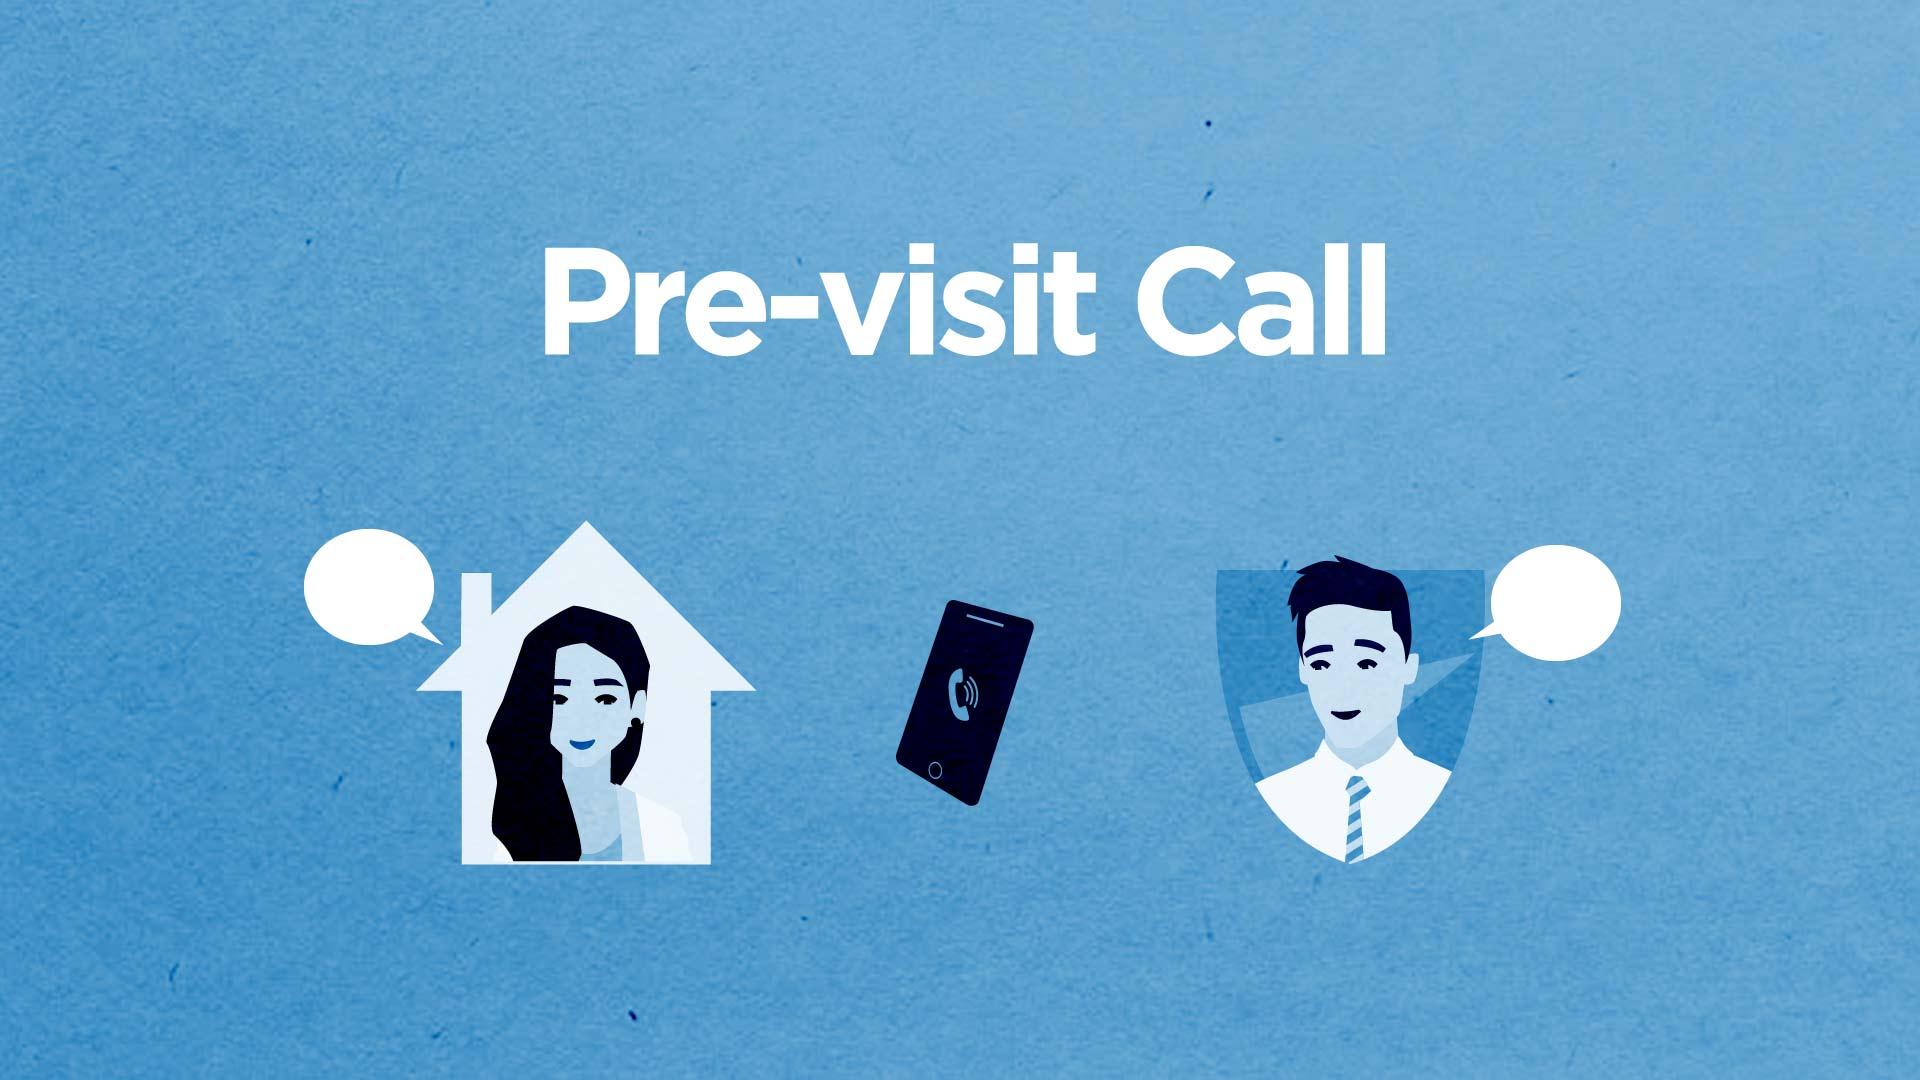 Pre-visit call